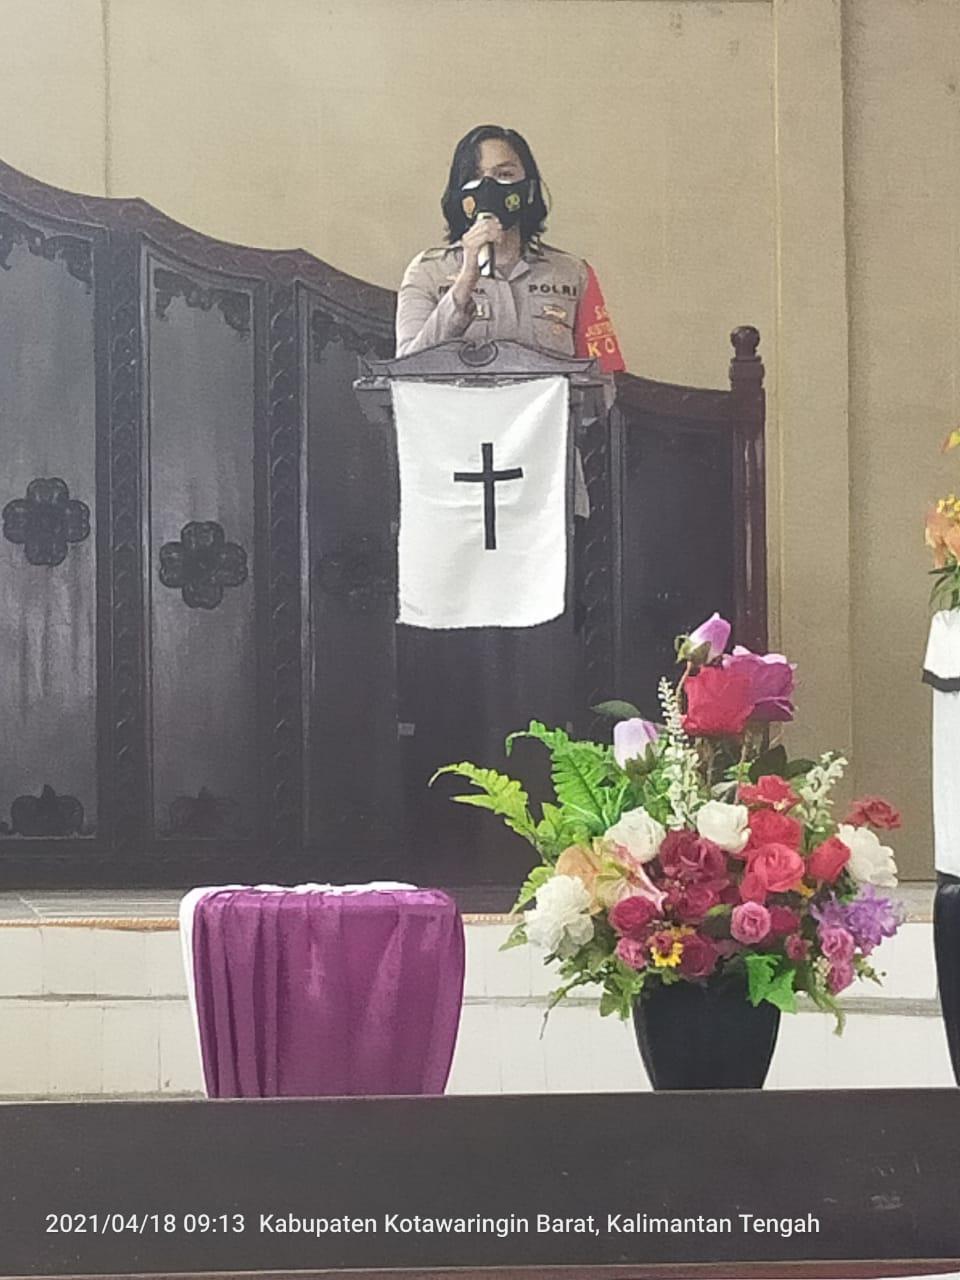 Satreskrim Polres Kotawaringin Barat Berikan Imbauan Kepada Jemaat Gereja Saat Pelaksanaan Ibadah Minggu